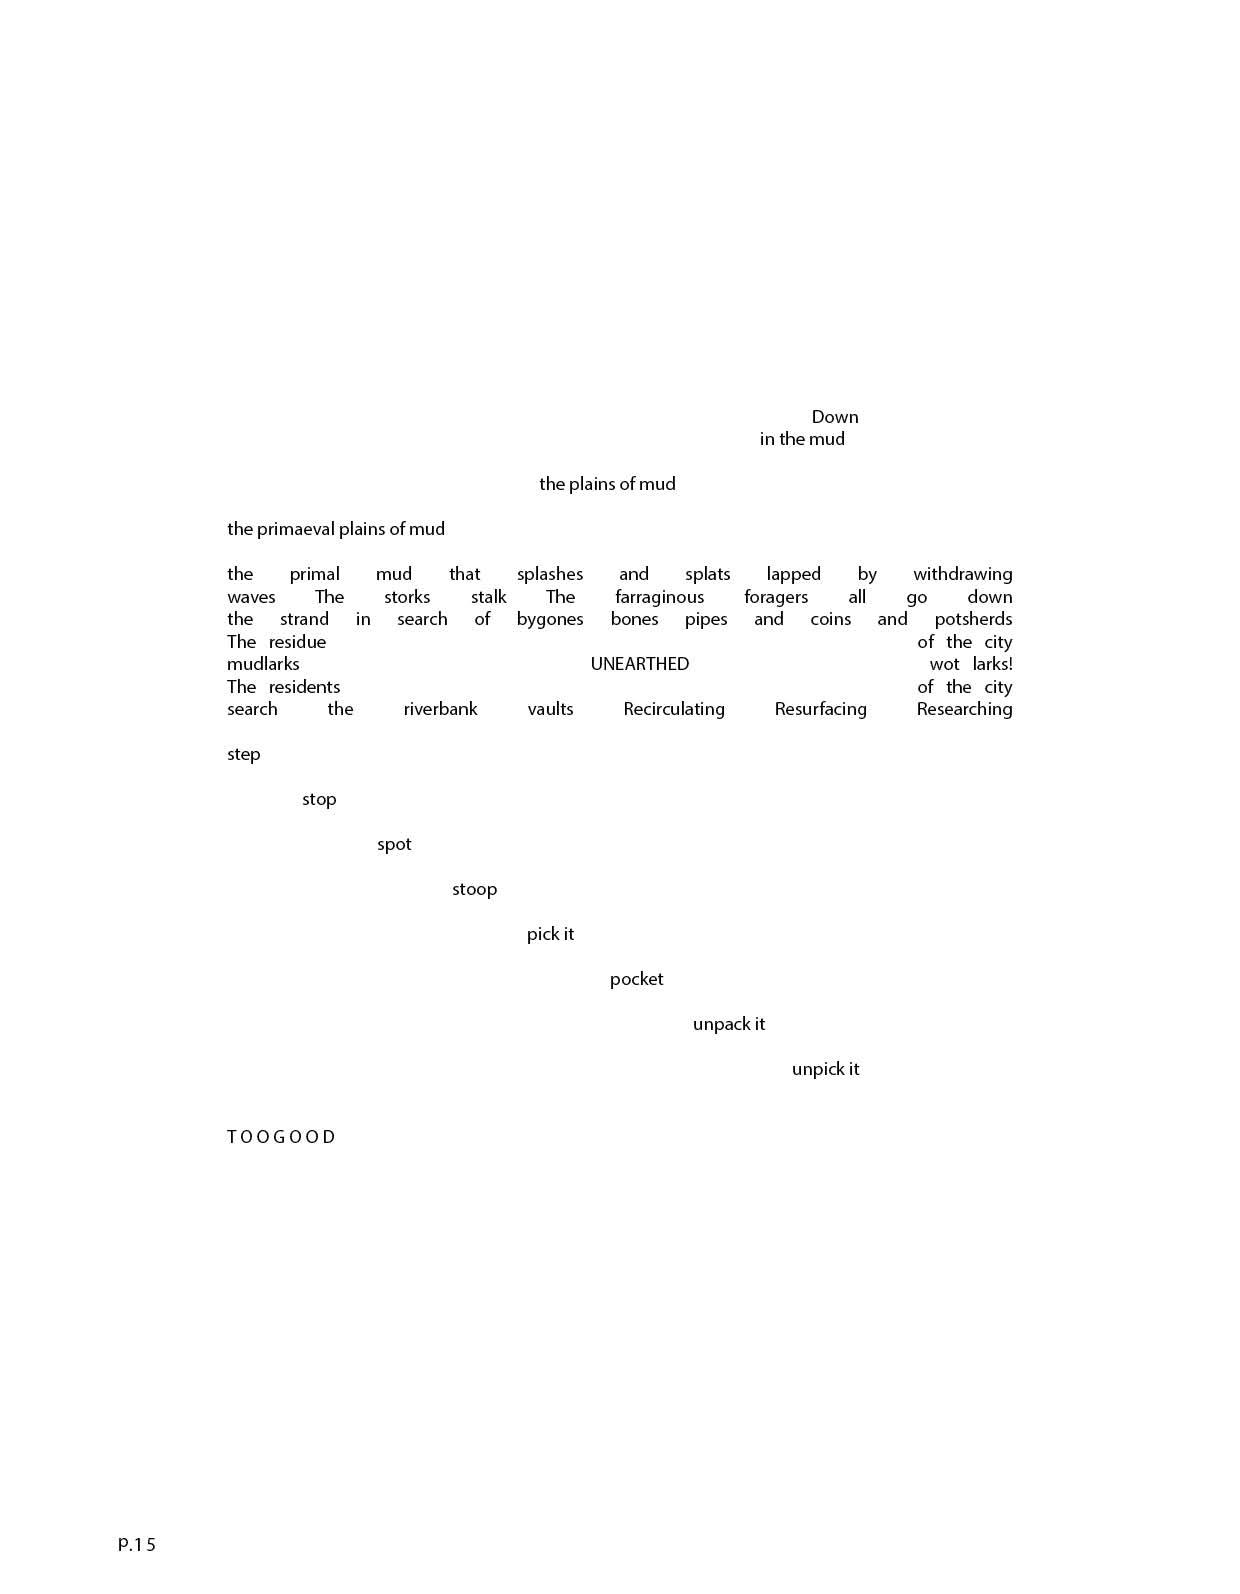 005_Toogood_Lookbook_Digital_170216_smallest file size15.jpg